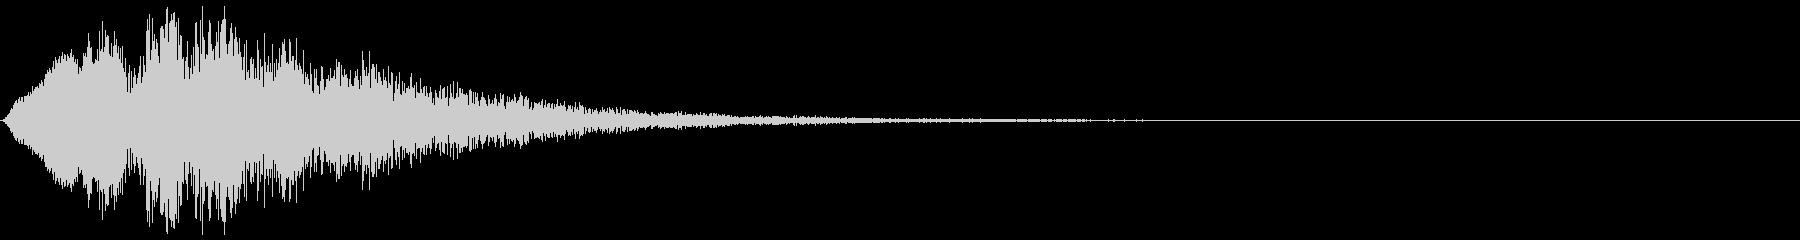 ゲームオーバー 2の未再生の波形